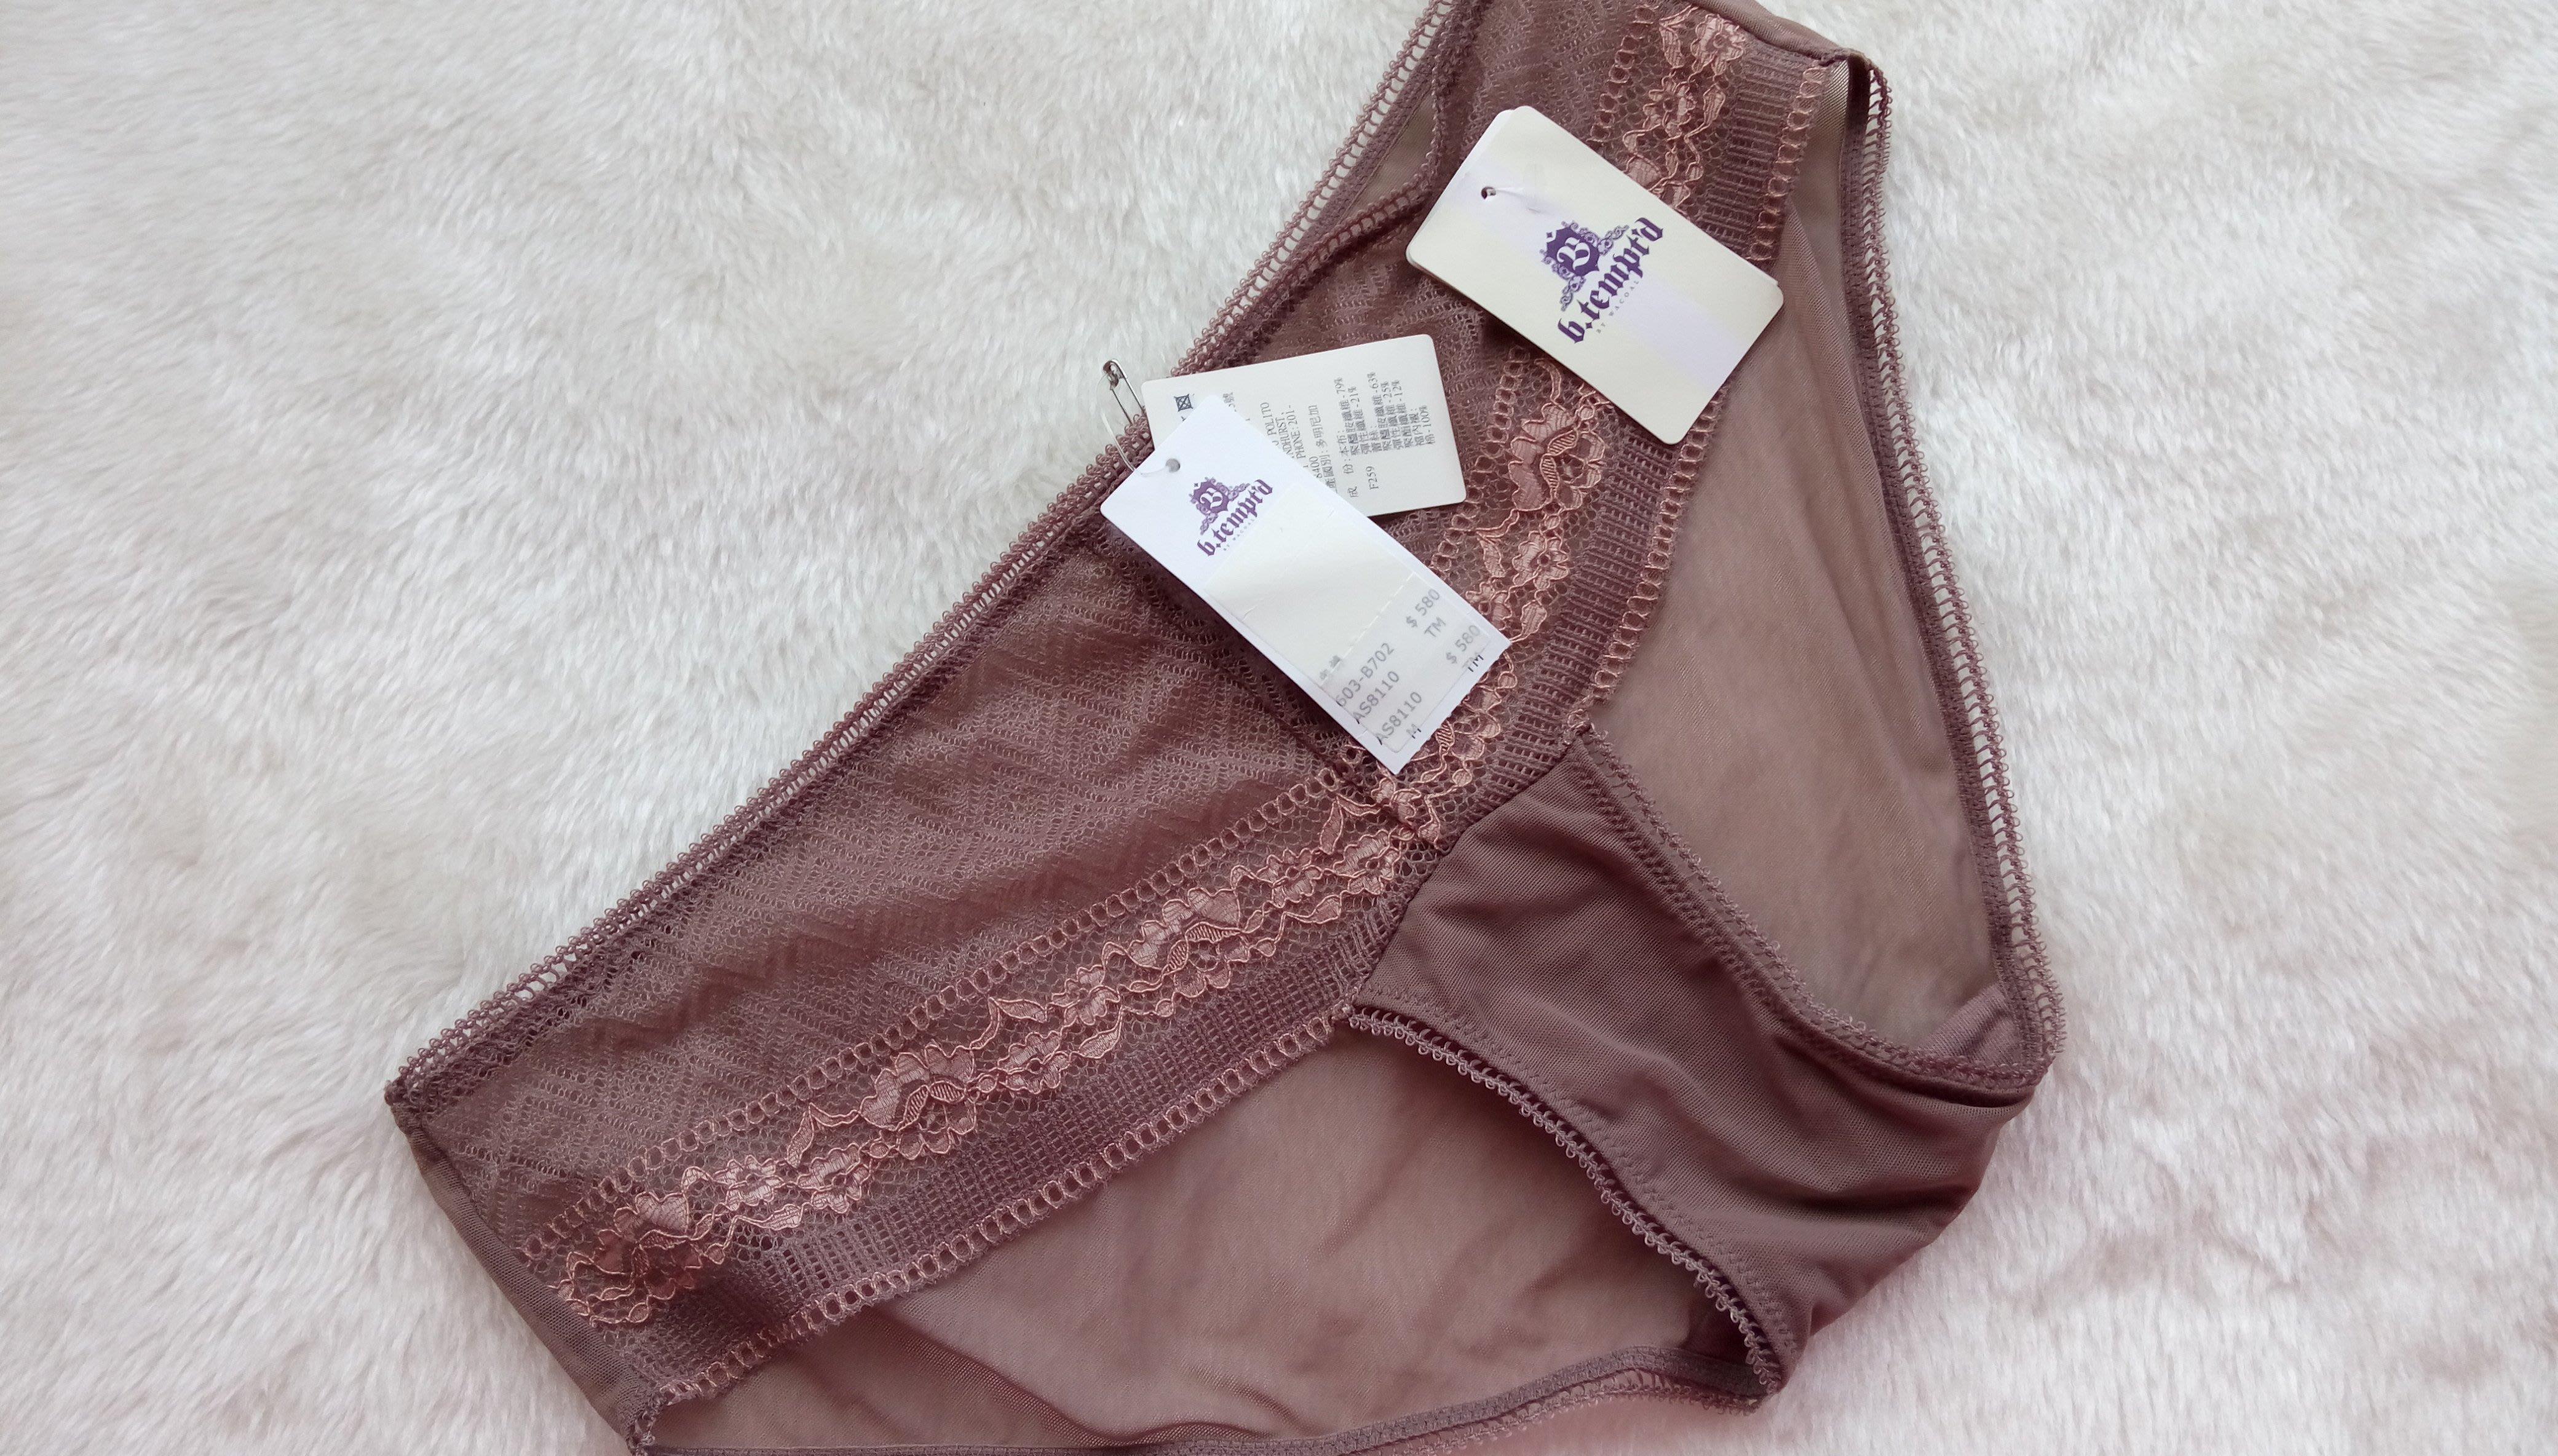 *JOLINNA~SHOP*91820E0華歌爾B.TEMPD~透氣輕透蕾絲~水漾褐色小褲~XL號~直購250元~